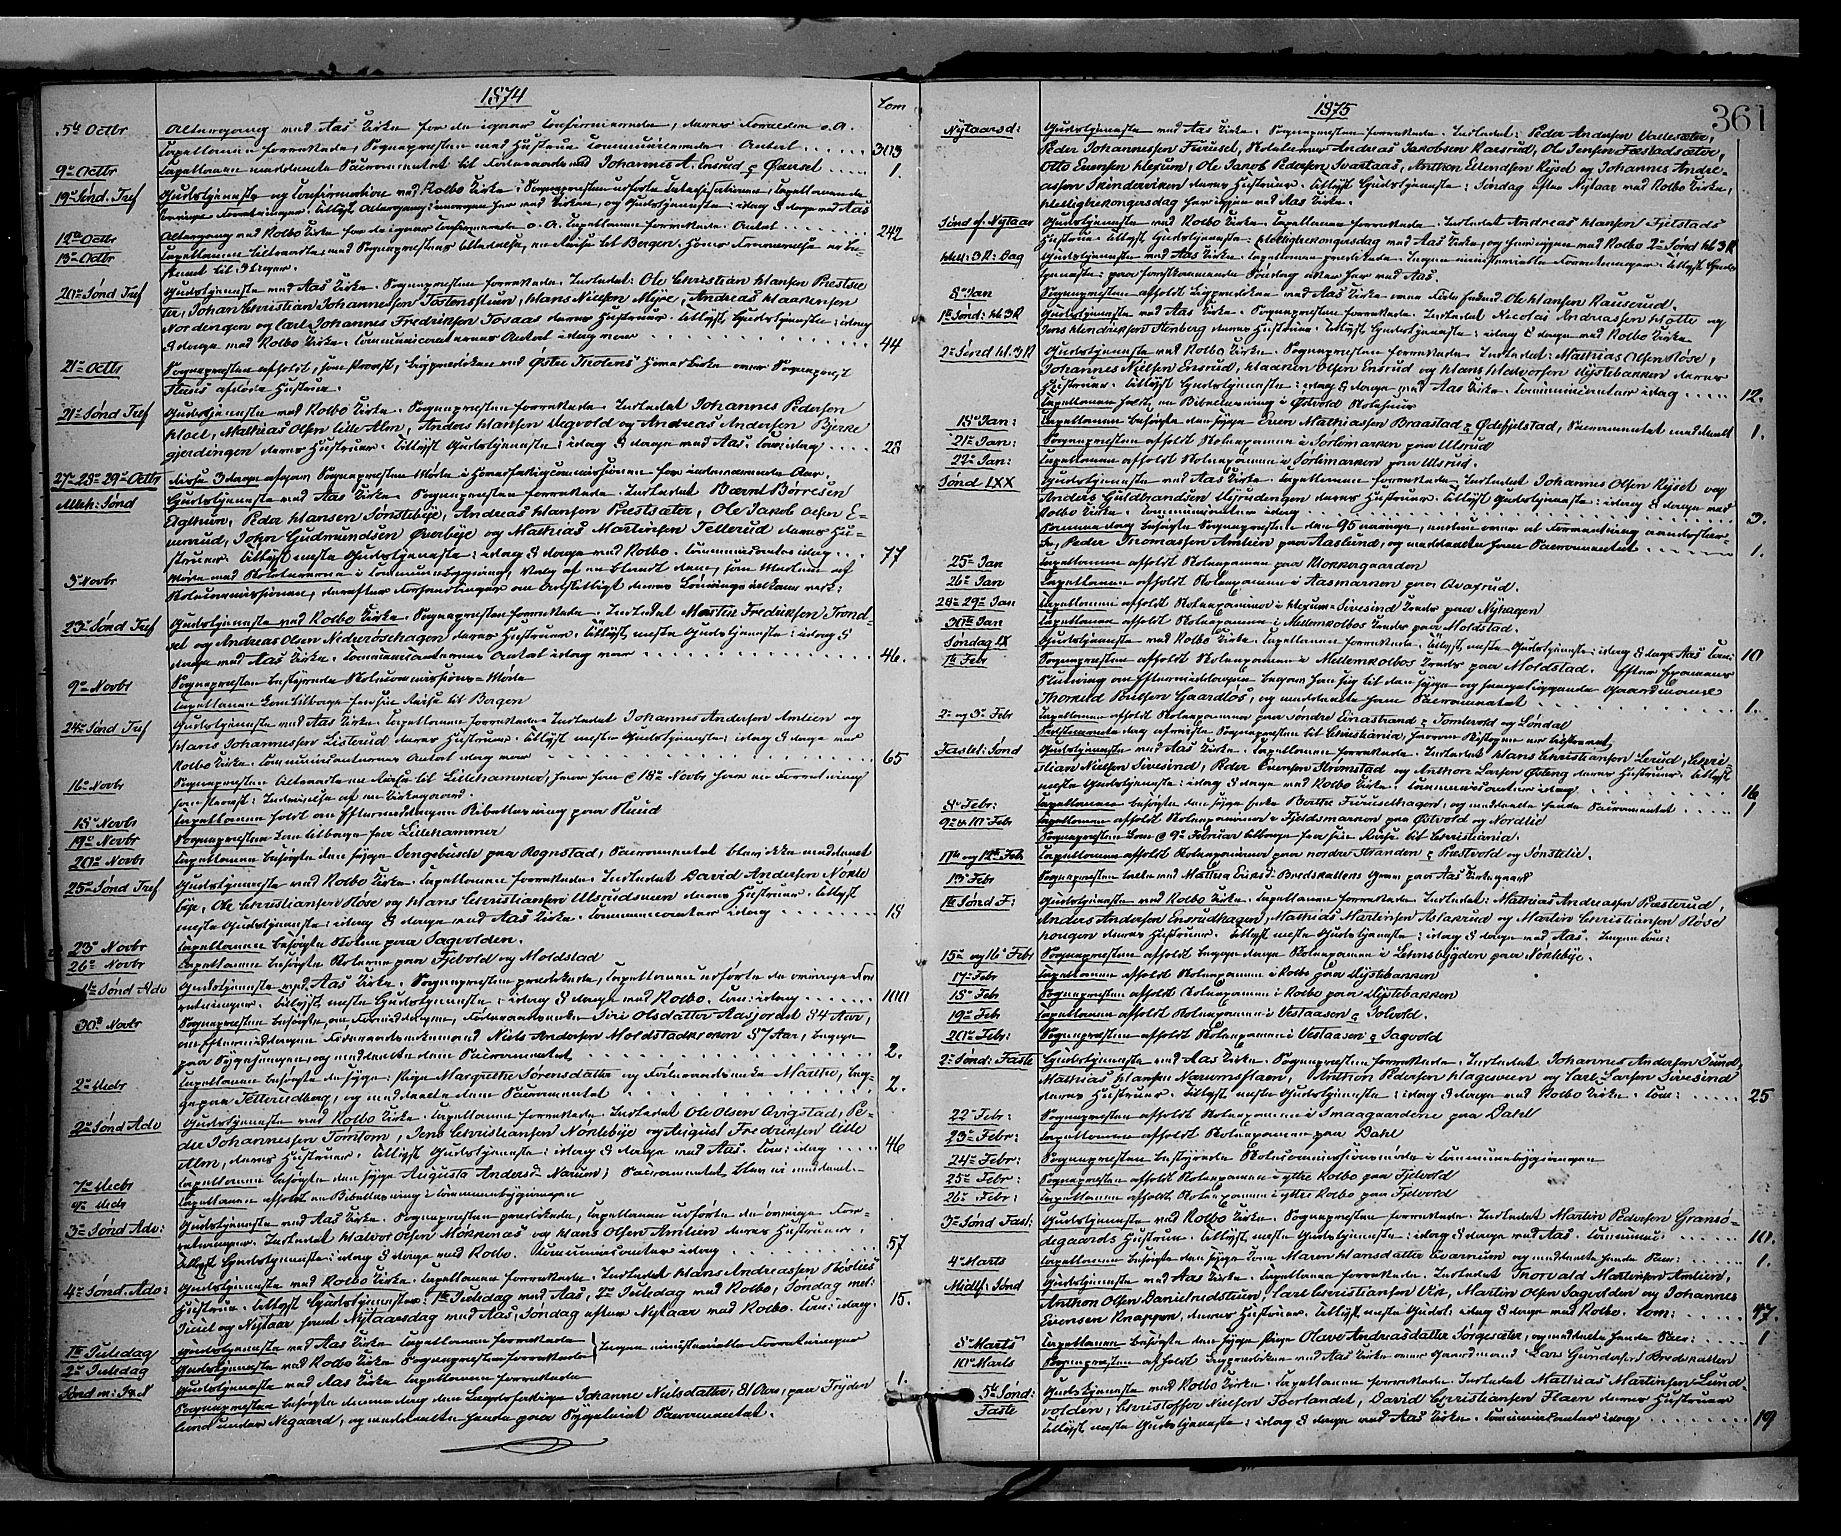 SAH, Vestre Toten prestekontor, Ministerialbok nr. 8, 1870-1877, s. 361